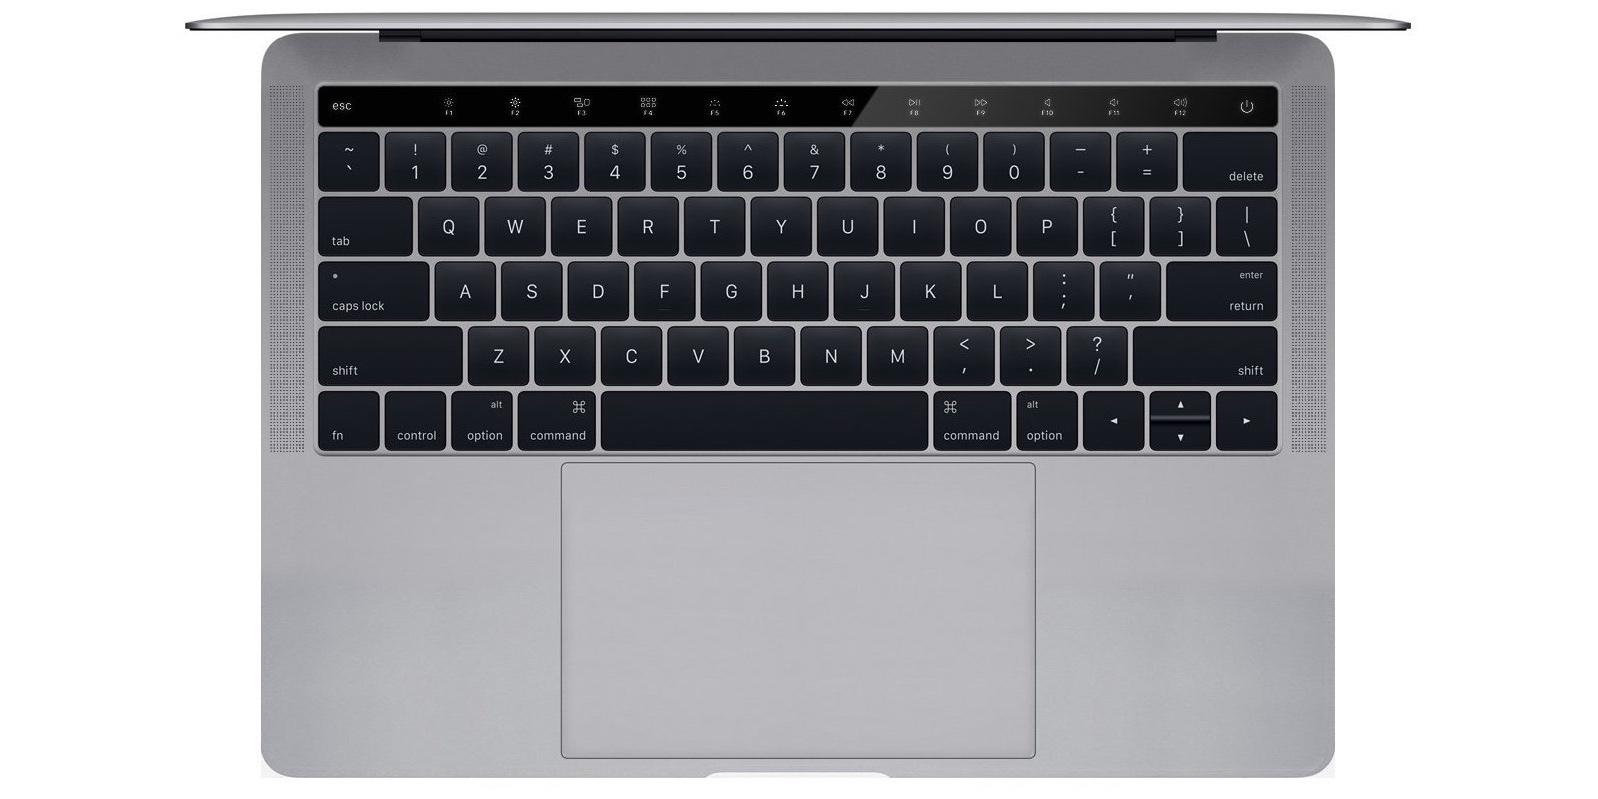 Apple ends butterfly keyboard on laptops